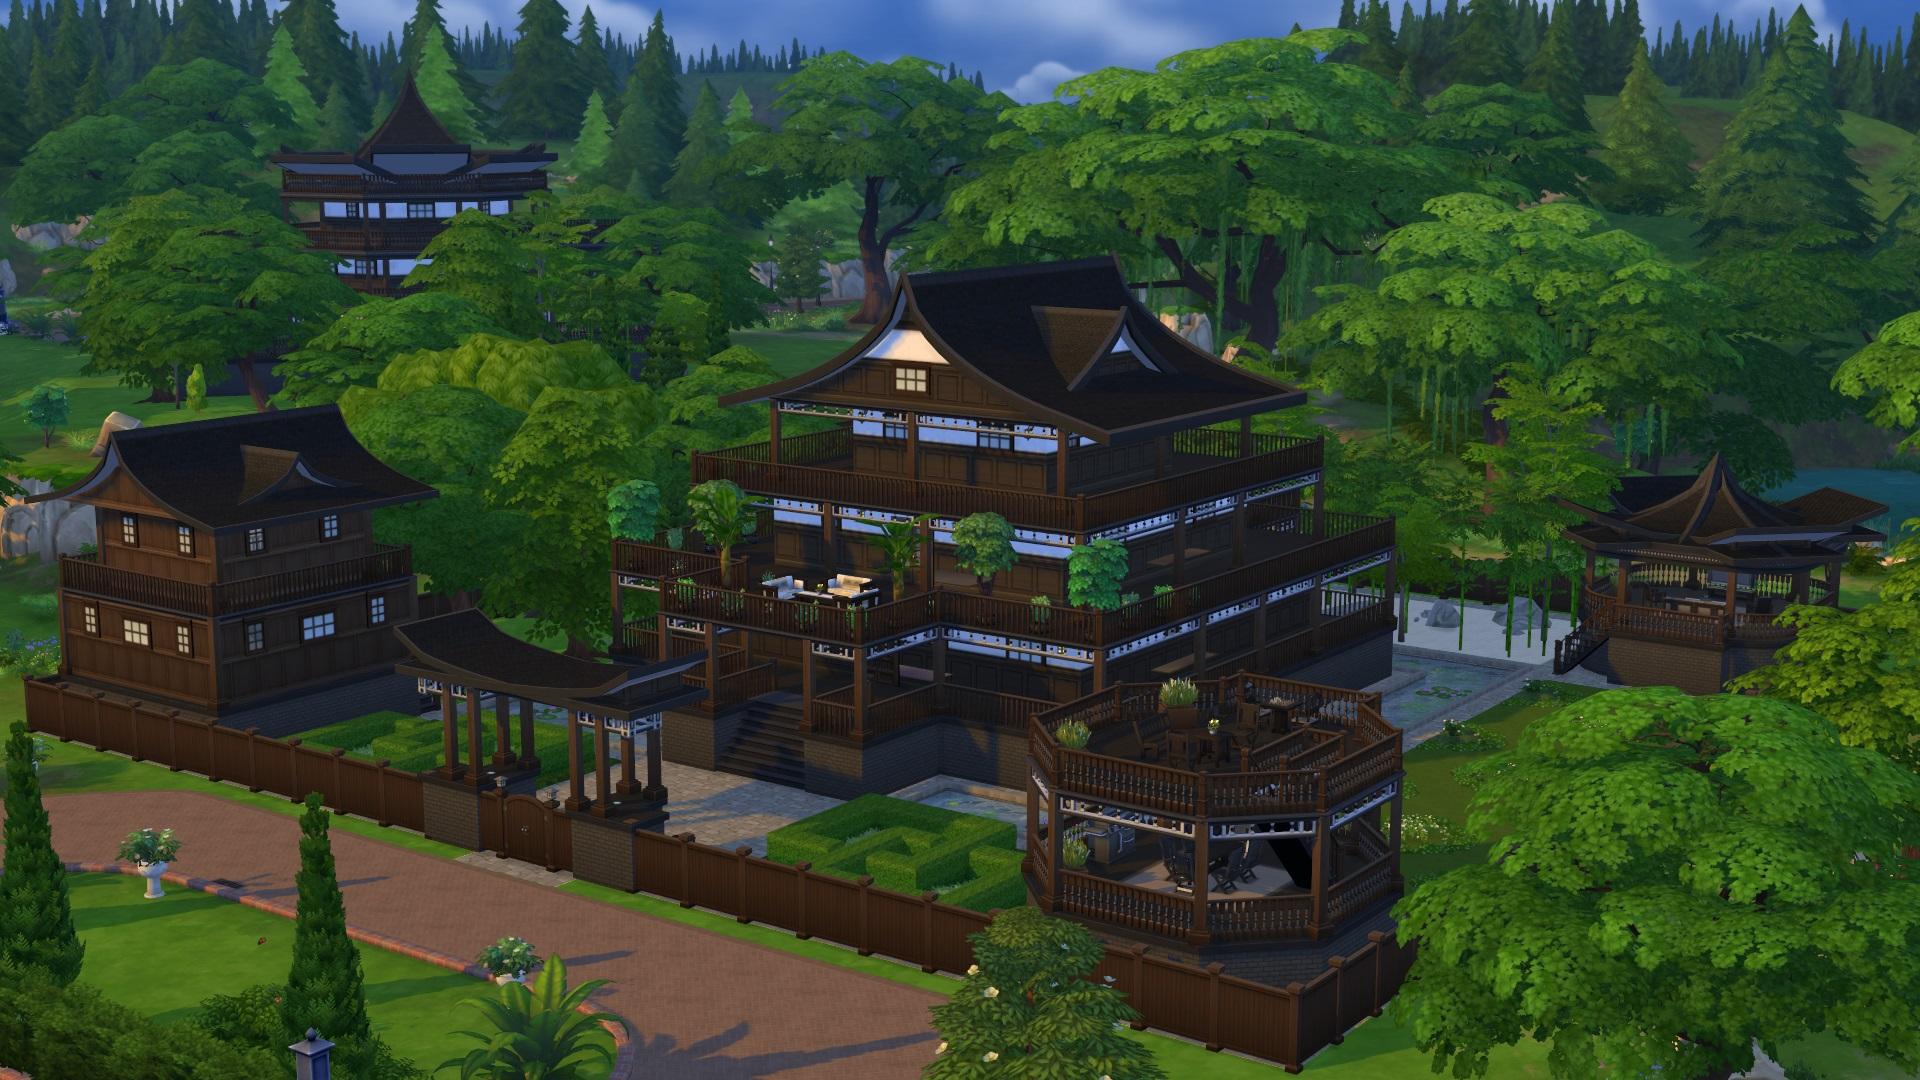 maison japonaise en france constructeur maison japonaise. Black Bedroom Furniture Sets. Home Design Ideas